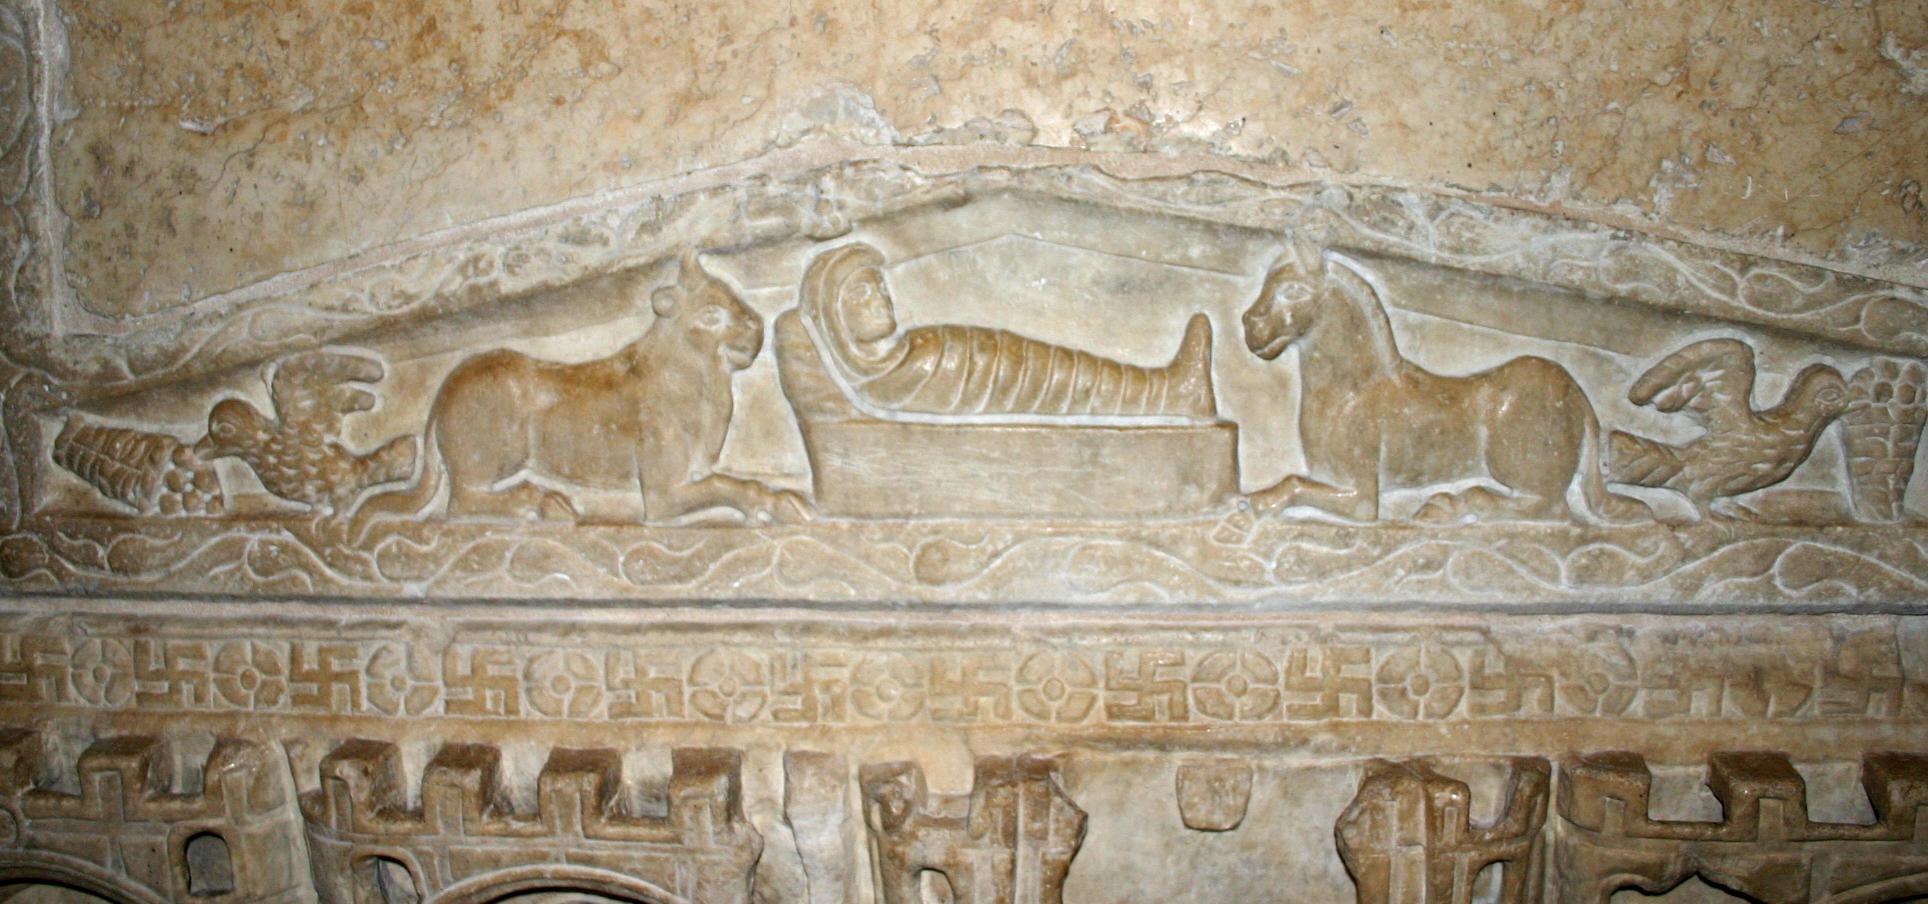 Sarcofago di Stilicone. Chiesa de Sant'Ambrogio. Milano. Séc. IV.